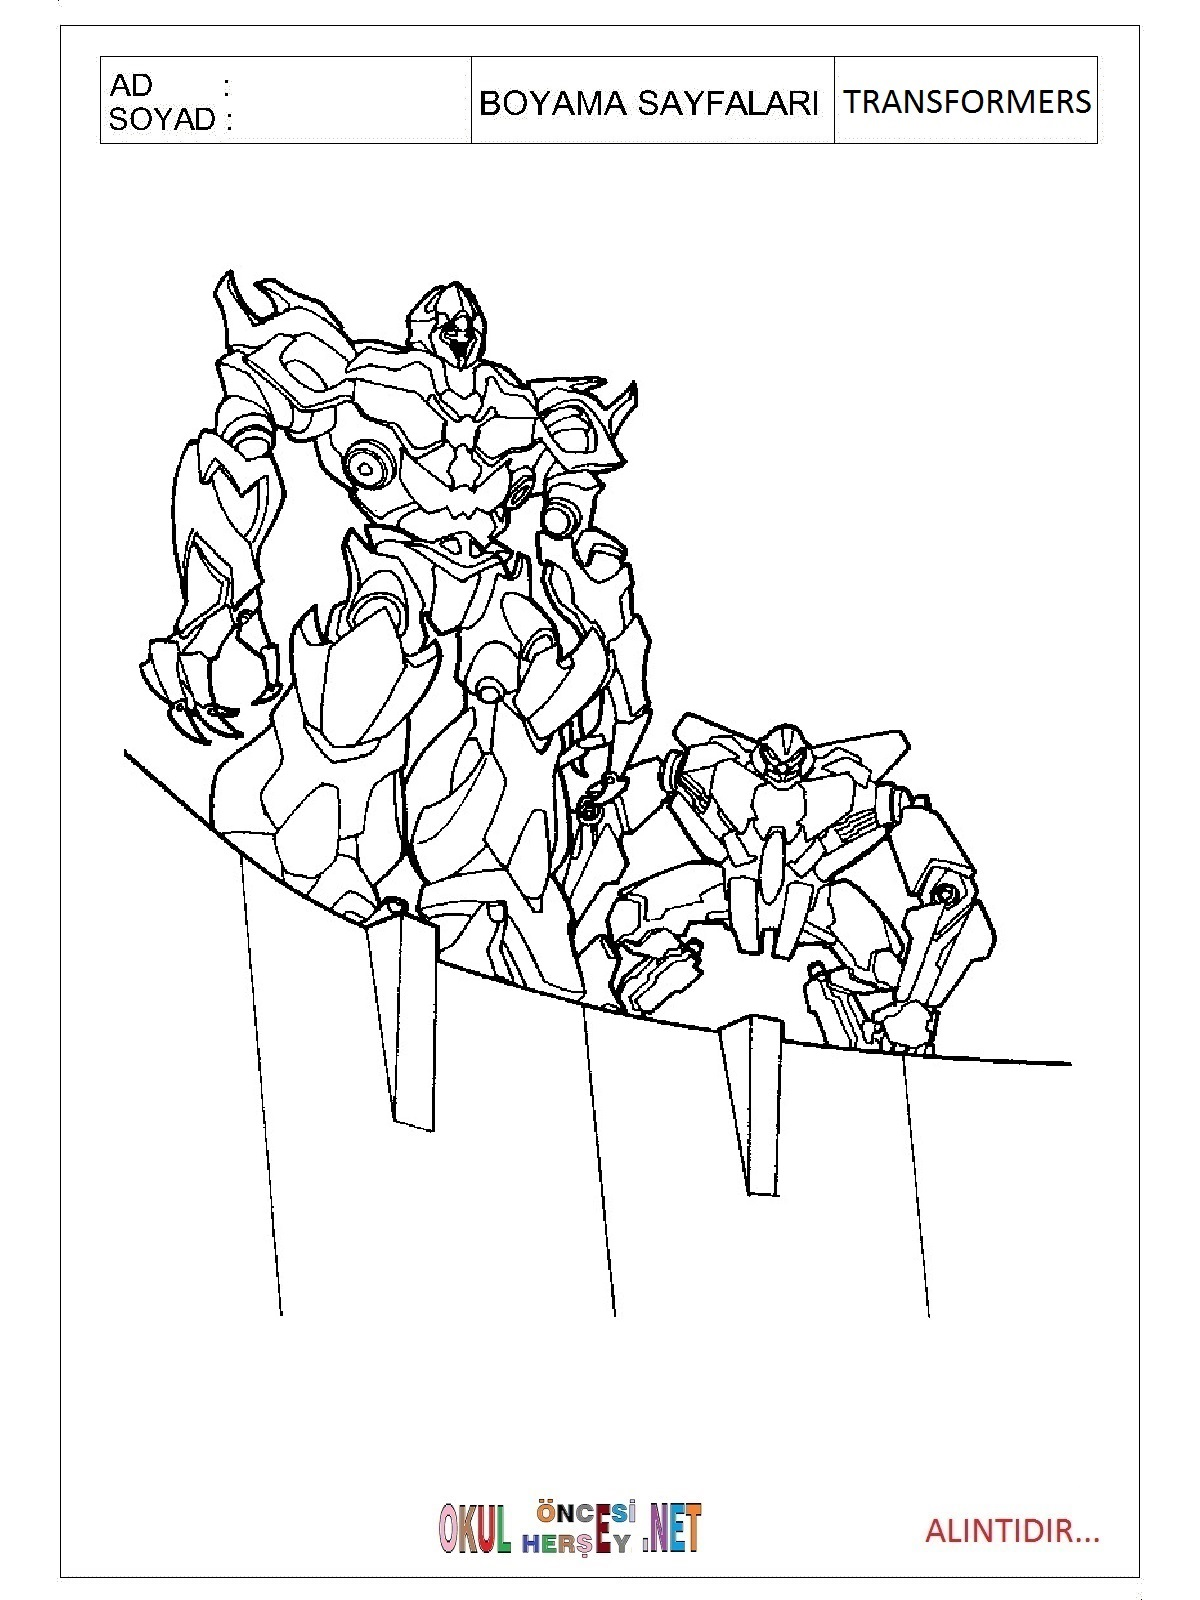 Boyama sayfası transformers boyama sayfası transformers boyama